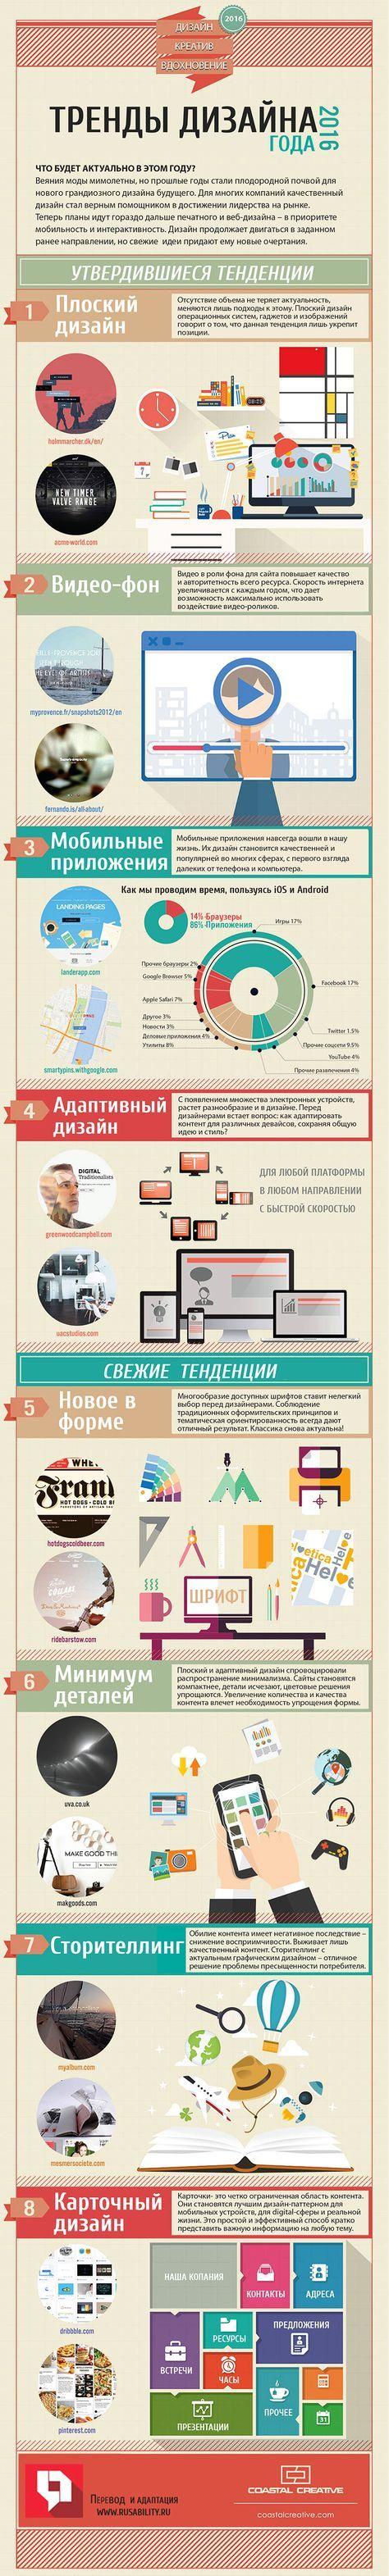 Письмо «Популярные Пины на тему «гаджеты»» — Pinterest — Яндекс.Почта